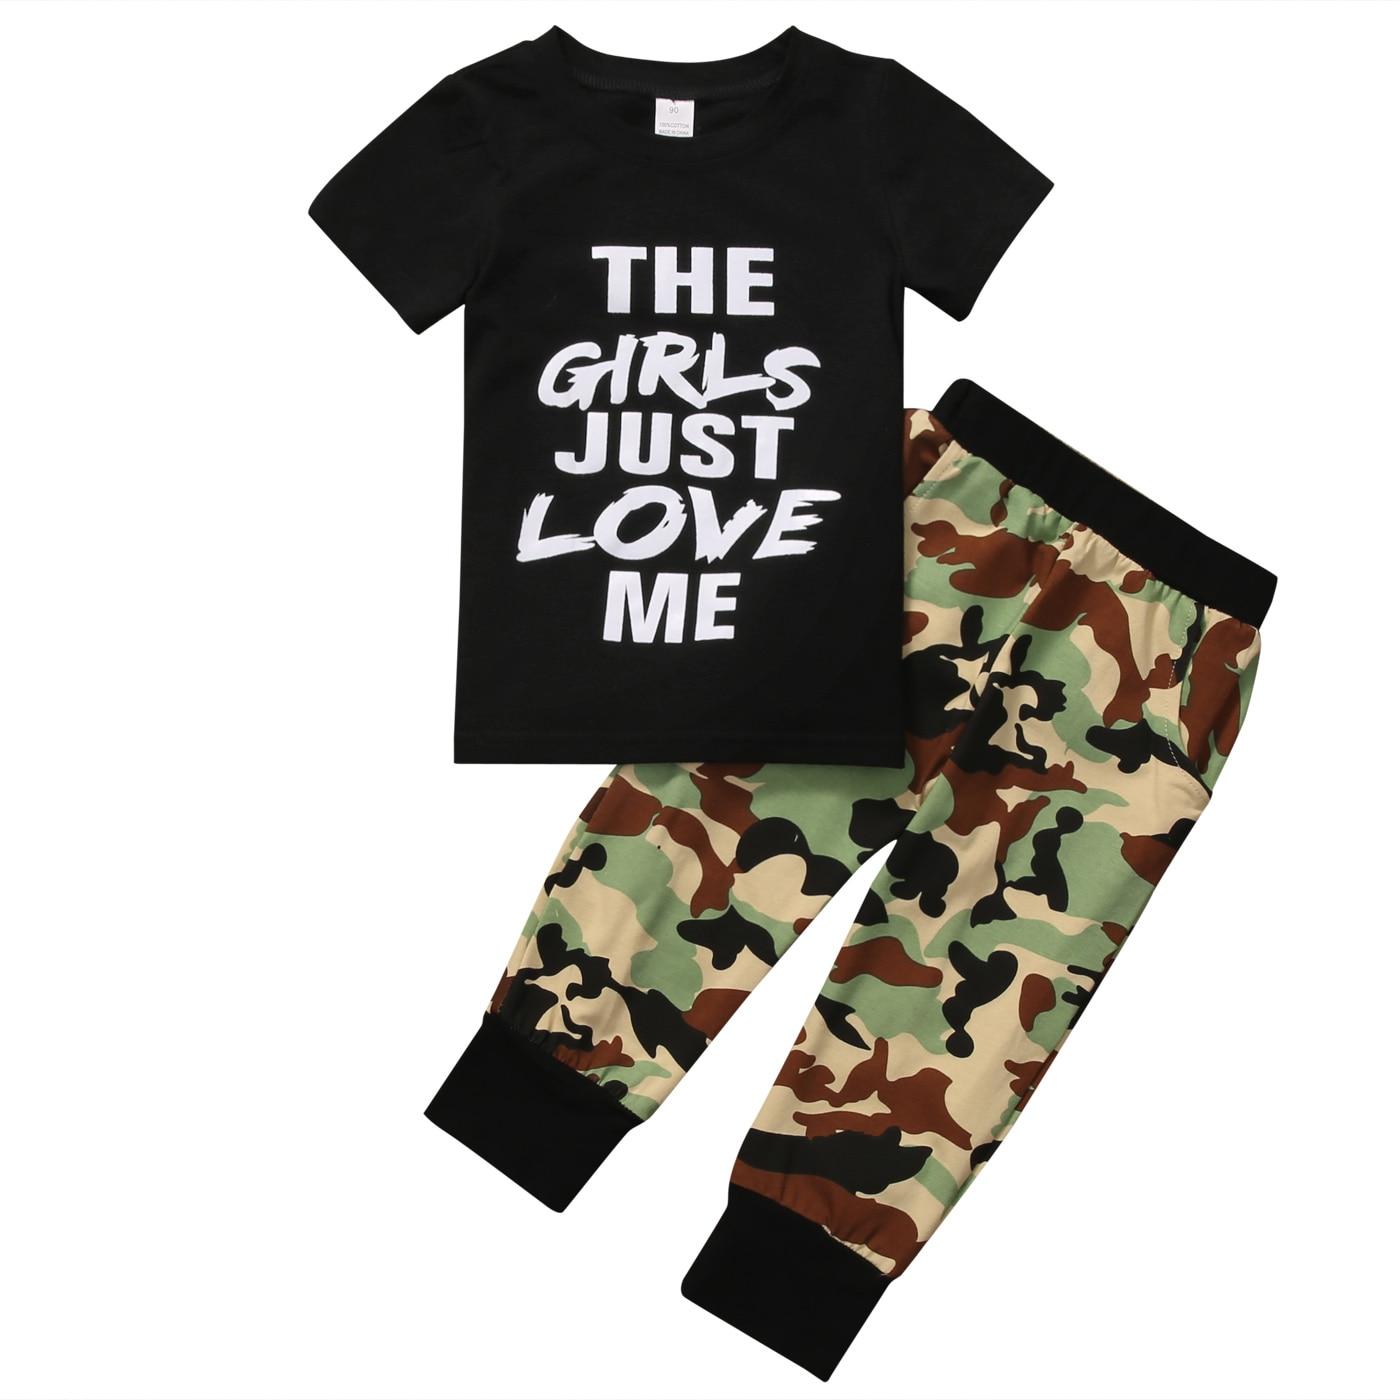 2 шт. одежда для малышей комплект одежды для мальчиков Повседневное хлопок футболка с короткими рукавами топ + камуфляжные Брюки для девочек...